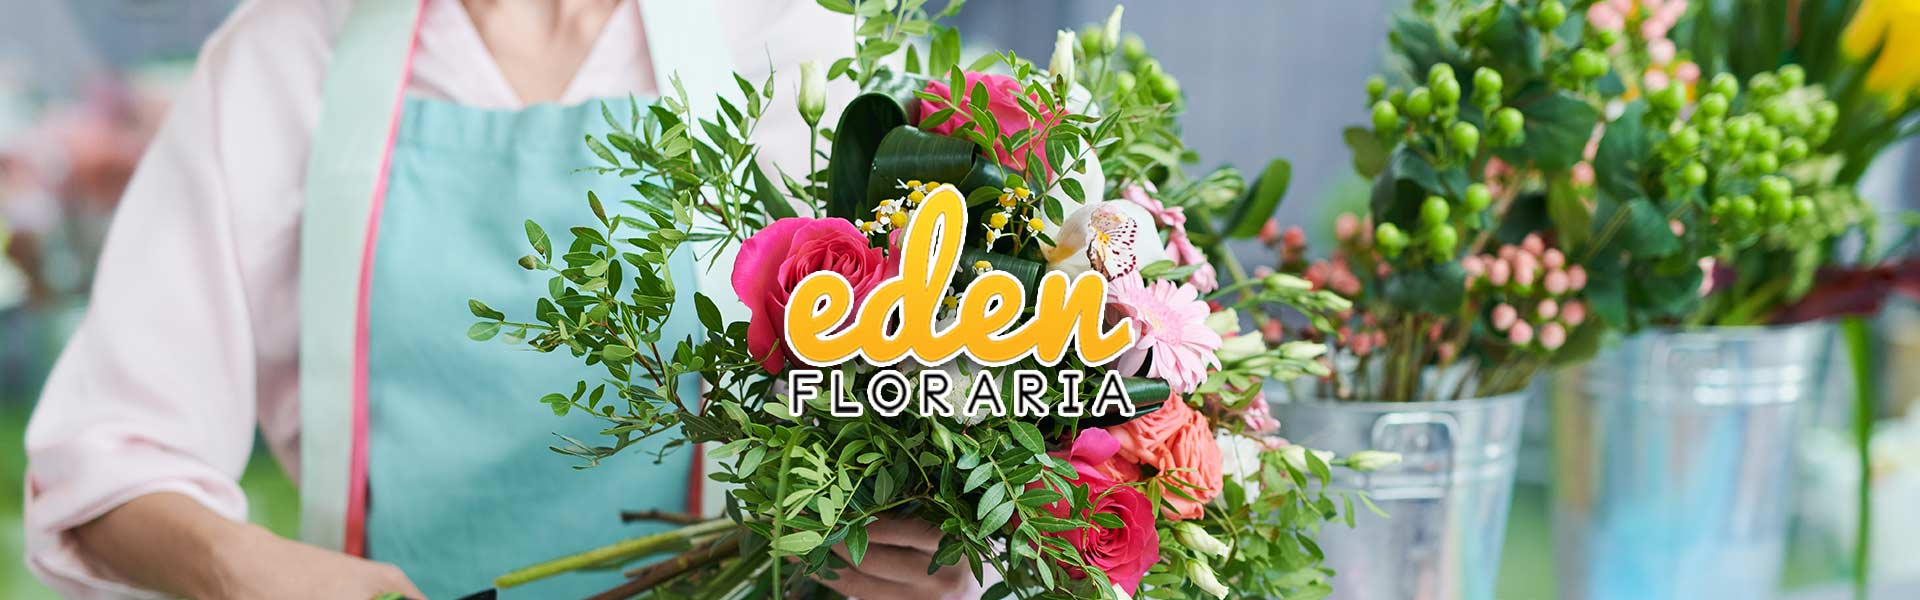 florarie-botosani-livrare-la-domiciliu